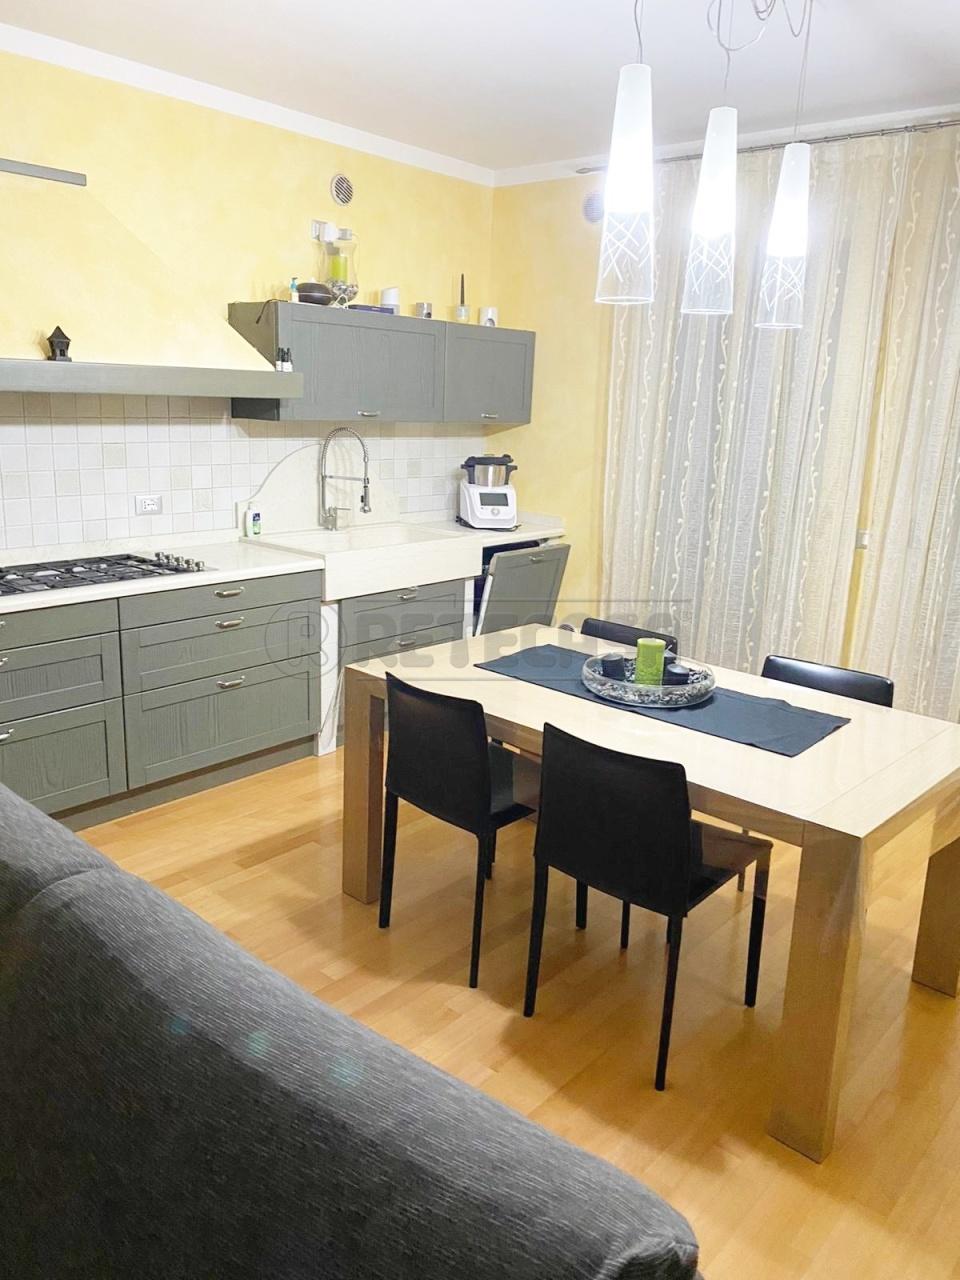 Appartamento in vendita a Camisano Vicentino, 4 locali, prezzo € 150.000 | CambioCasa.it